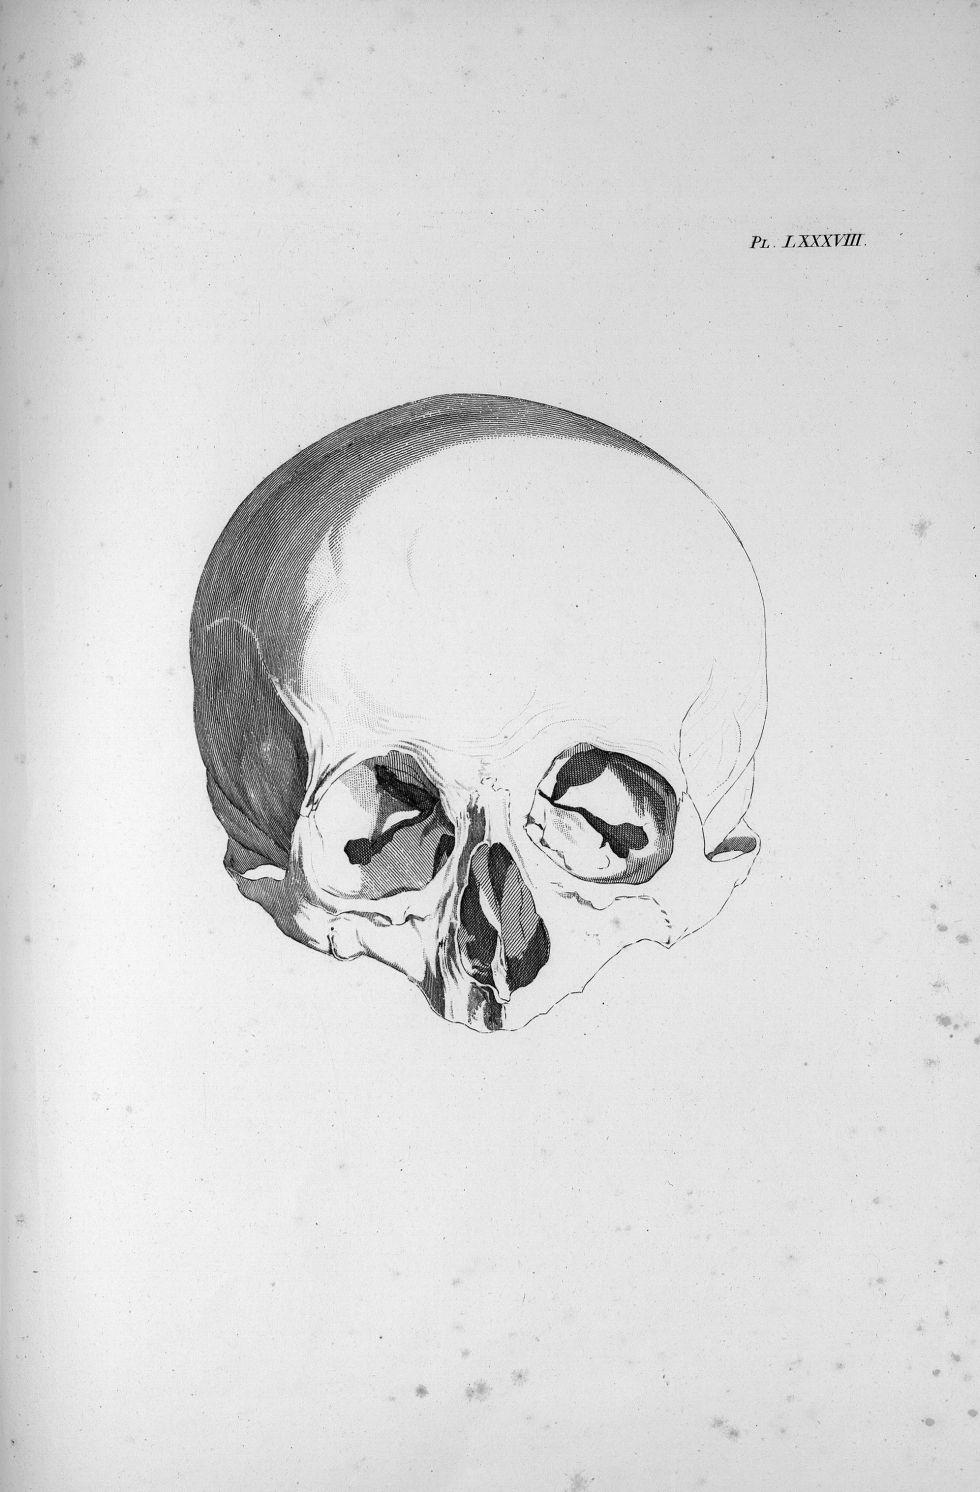 Pl. LXXXVIII. Crâne de Voigtlaender - Anatomie et physiologie du système nerveux en général et du ce [...] - Anatomie. Neurologie. Crânes. Phrénologie. 19e siècle (France) - med00575x04x0309